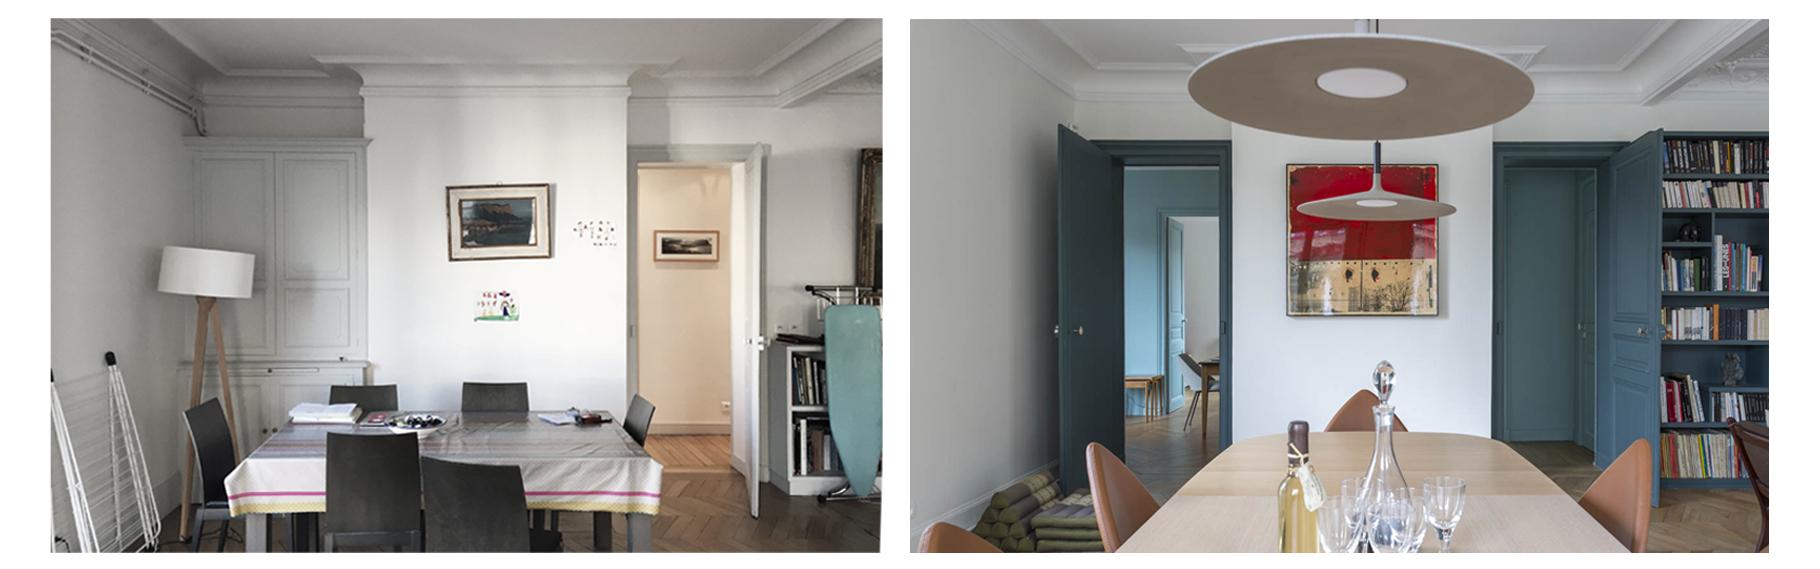 Relooking Appartement Avant Après avant aprèstexier et soulas architectes